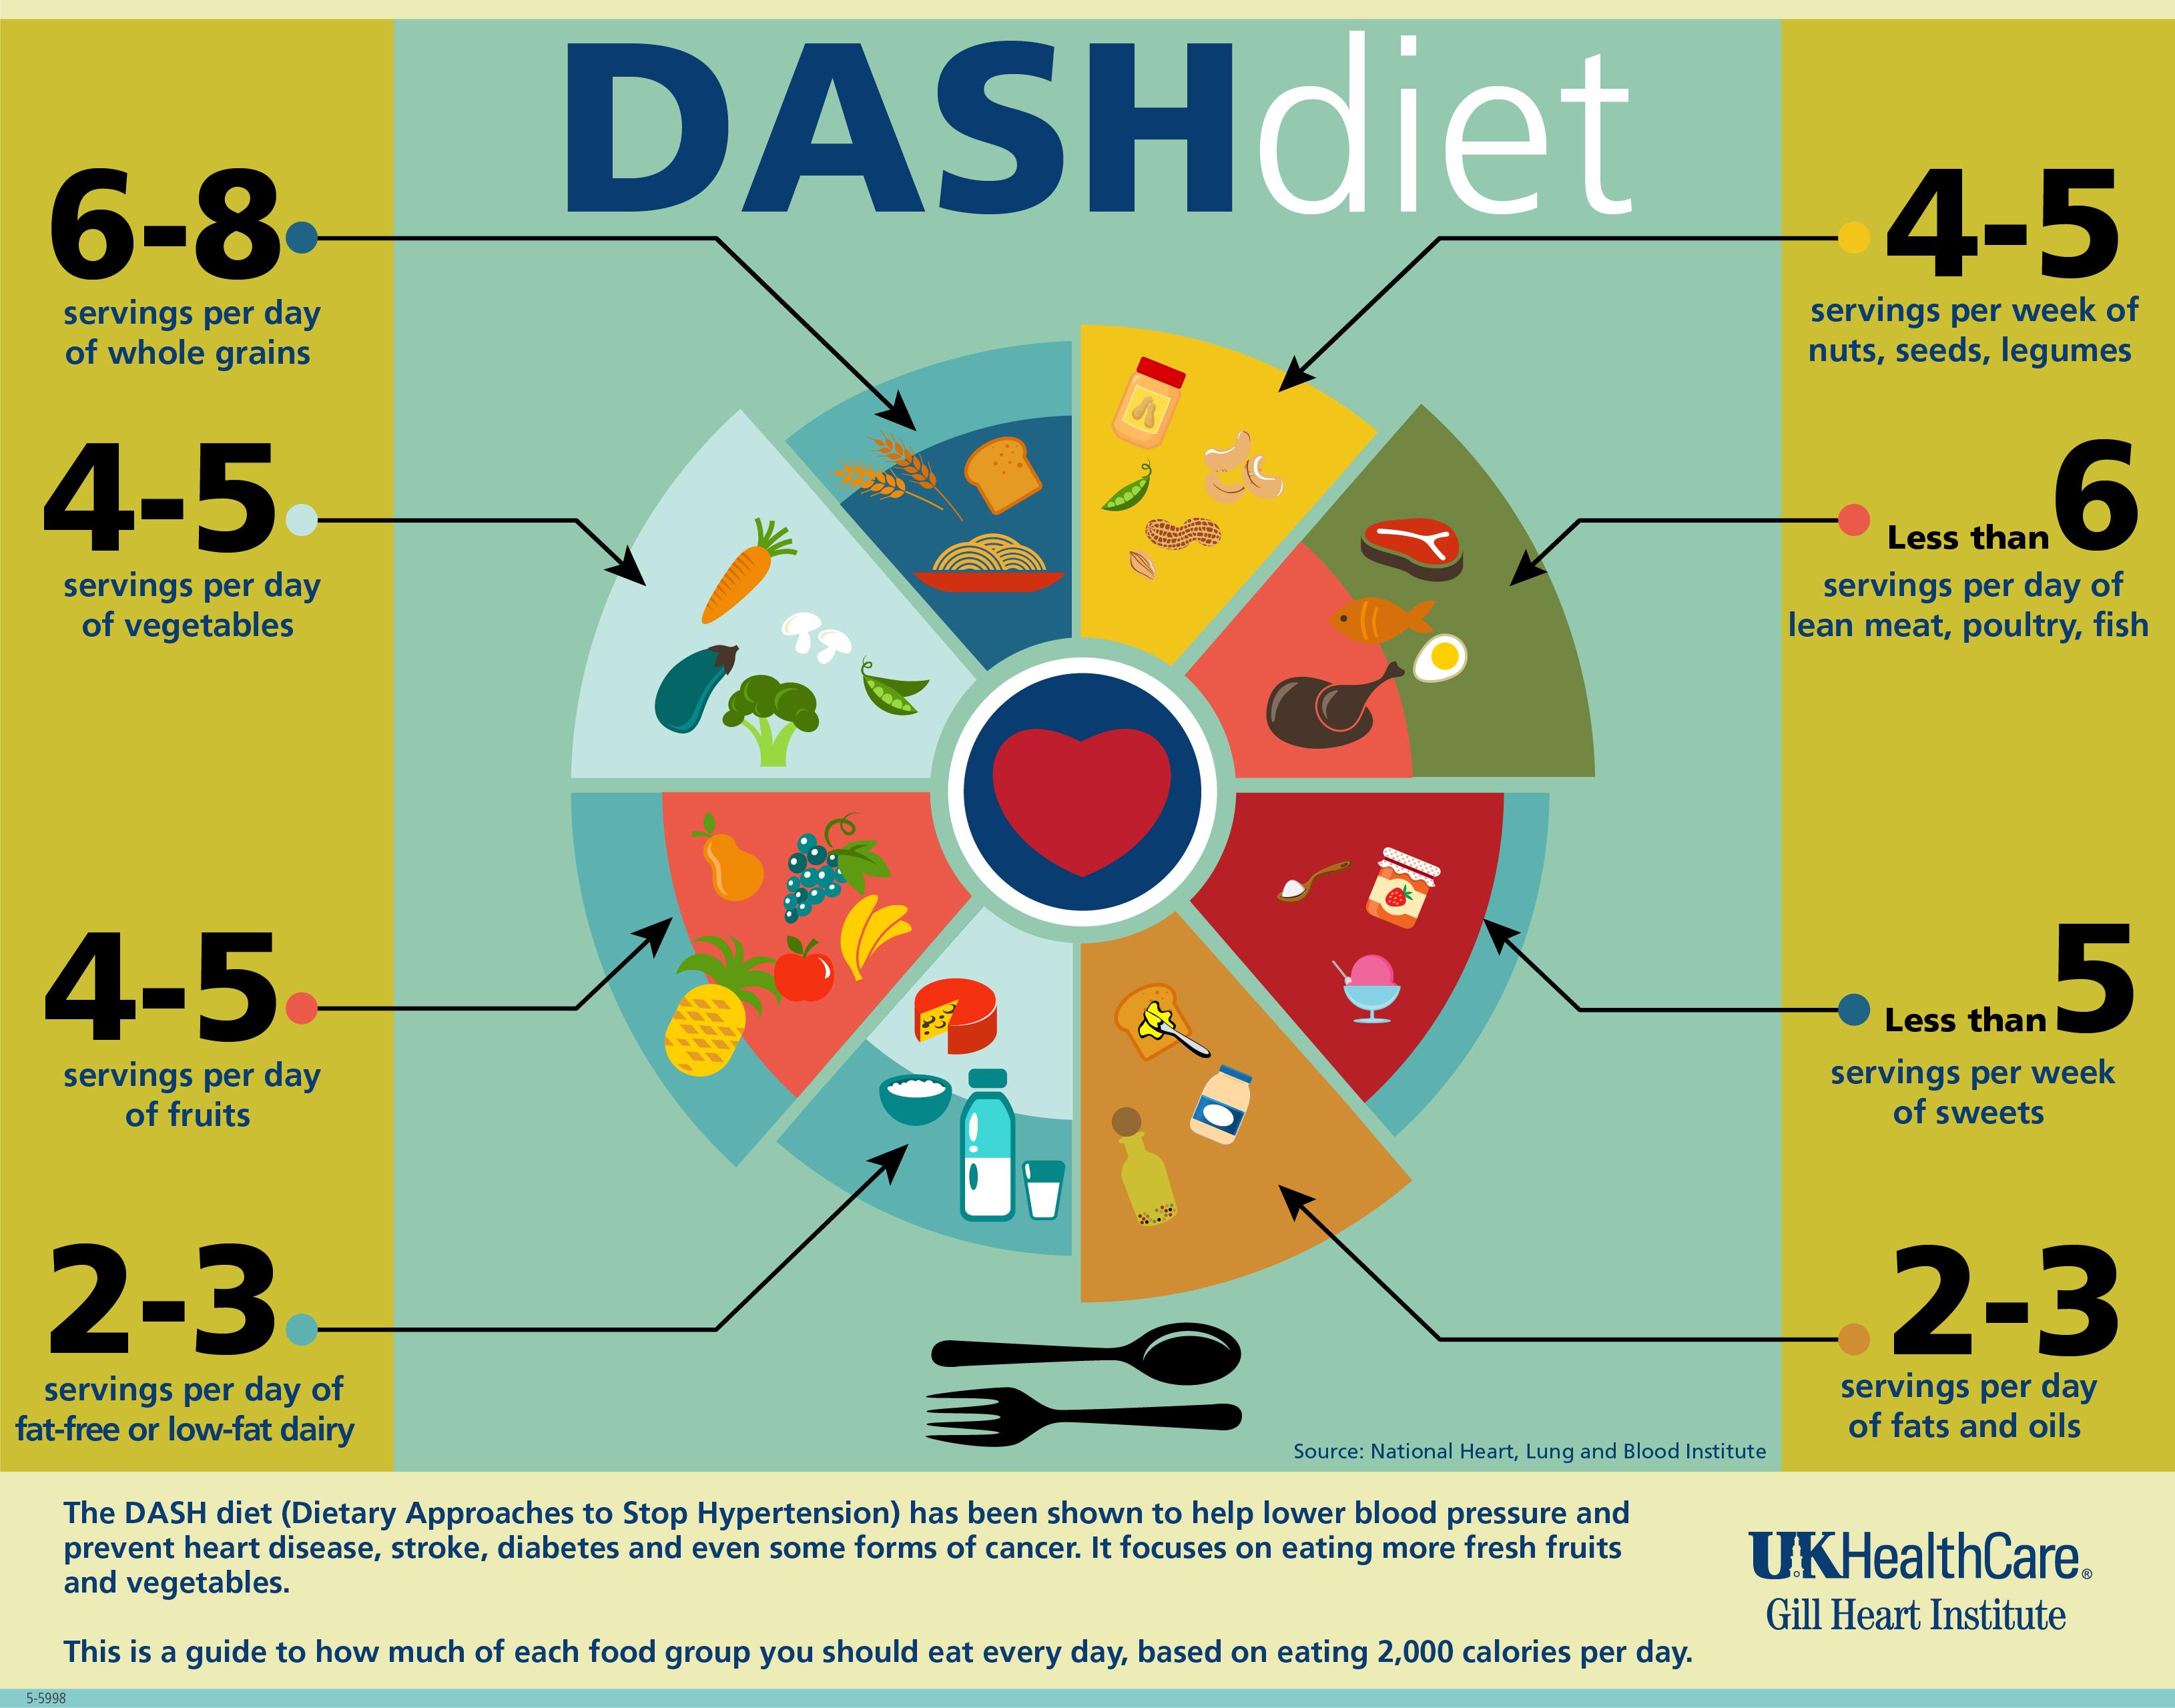 Что Такое Диета Даша. Диета DASH – питание при гипертонии и для похудения